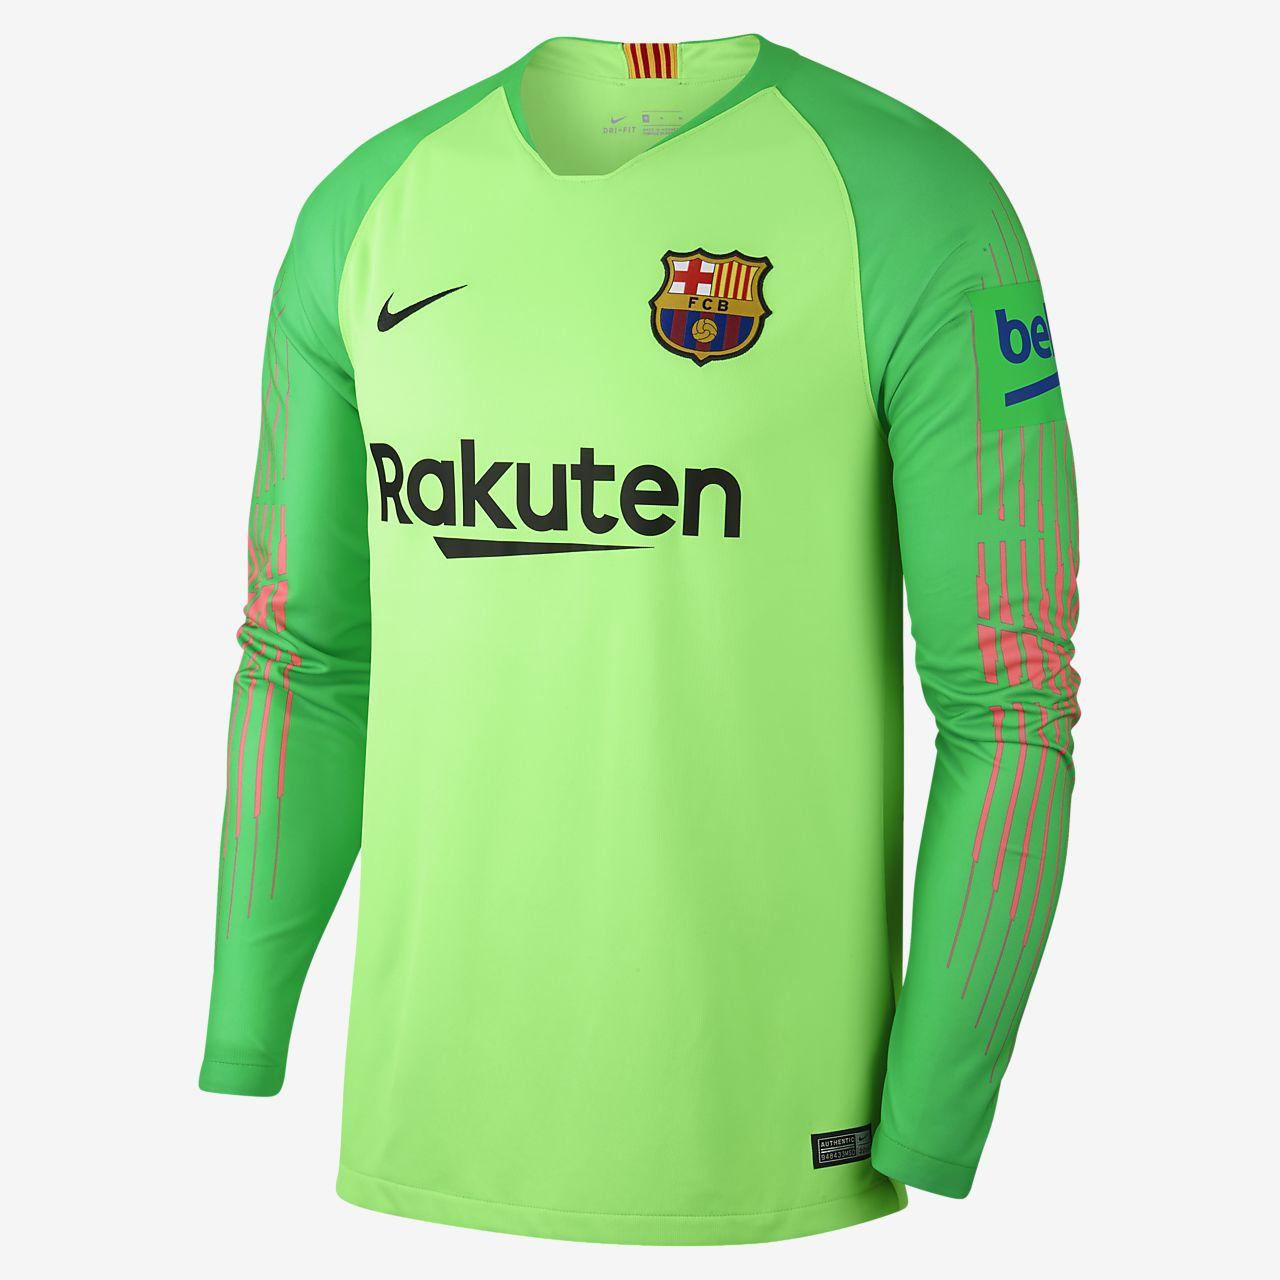 7e3087224 2018 19 FC Barcelona Stadium Goalkeeper Men s Football Shirt. Nike ...